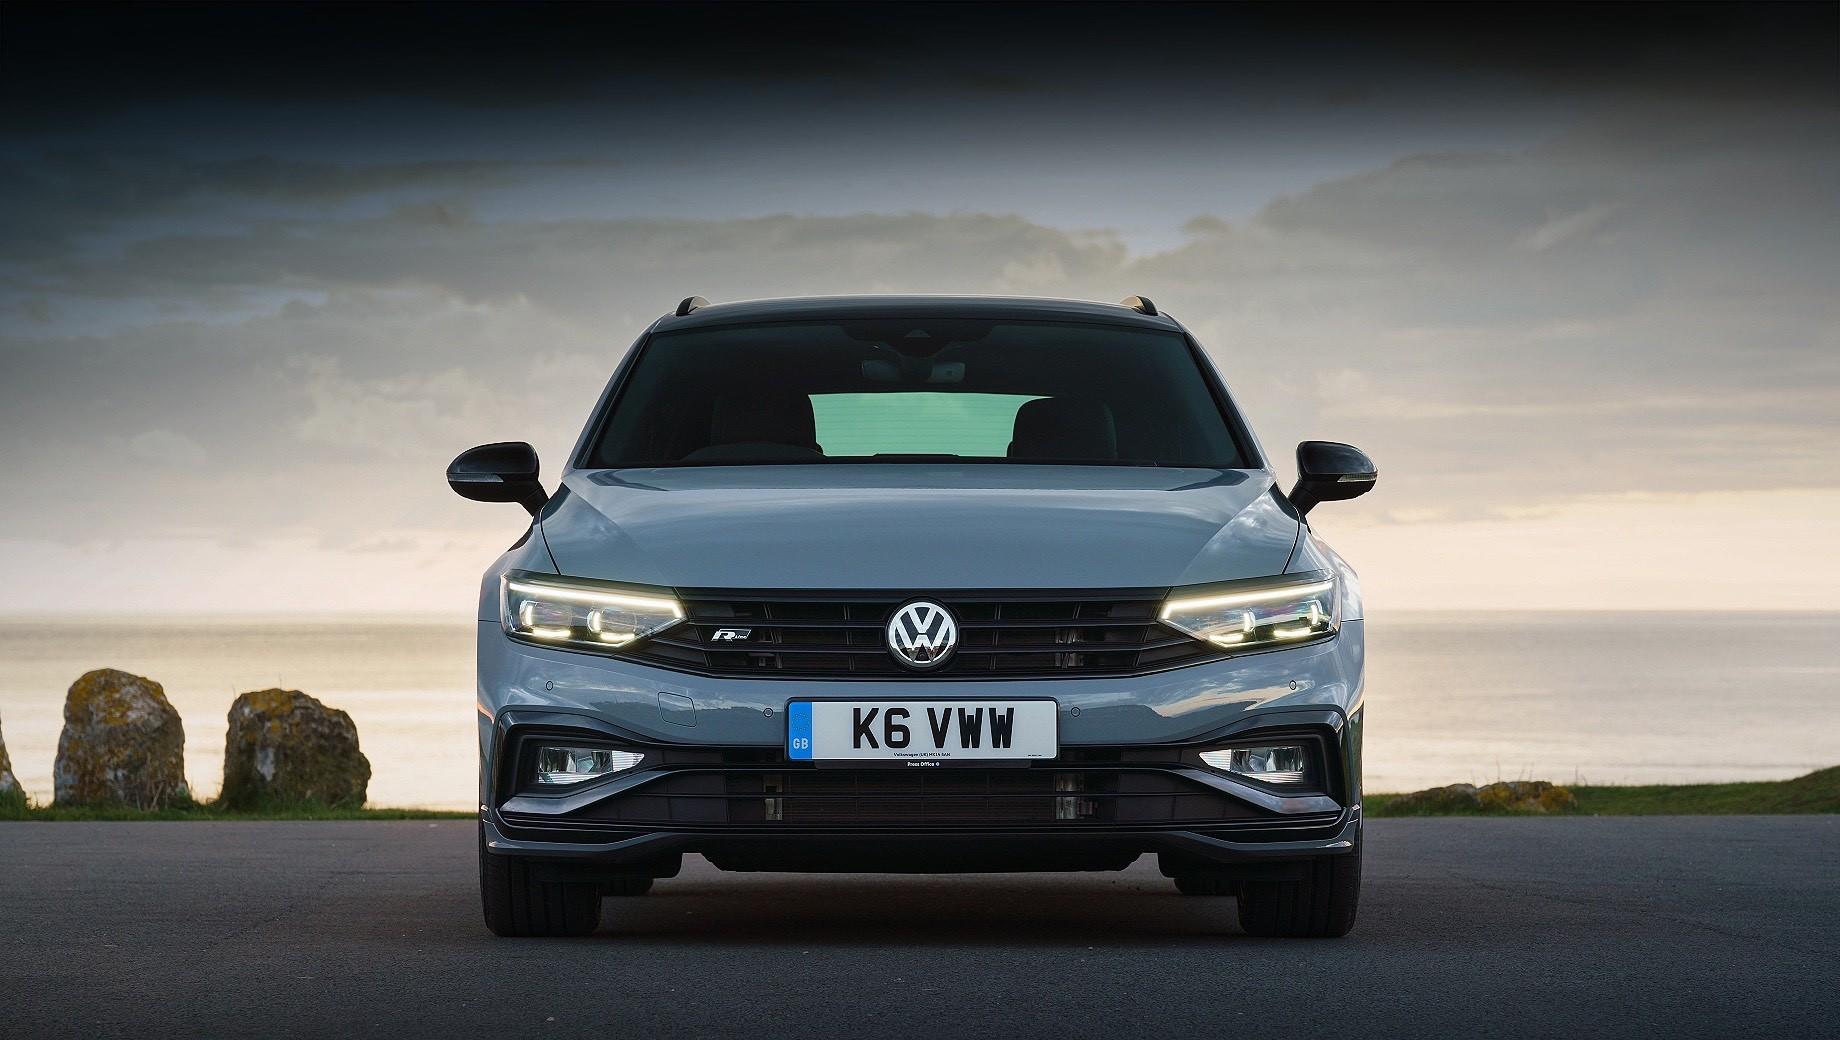 Volkswagen passat. Это сейчас Volkswagen Passat конкурирует с автомобилями класса D+ массовых брендов, но машина следующего поколения должна шагнуть в премиум-сегмент и дать бой моделям BMW третьей серии и Mercedes C-класса. Оценит ли такой шаг родственное семейство Audi A4?